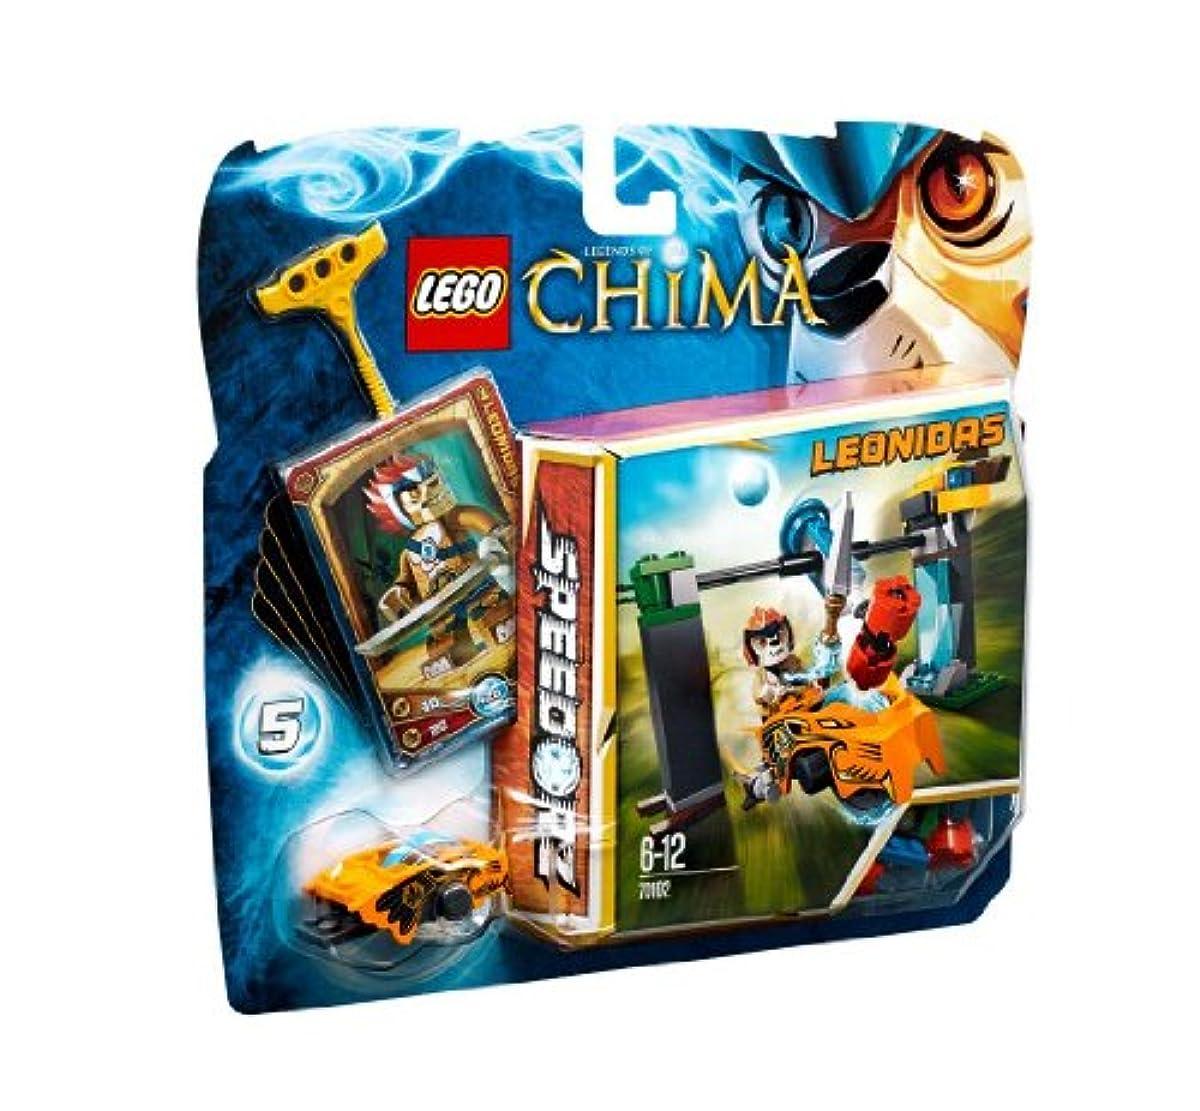 [해외] 레고 (LEGO) 찌마 지의 워터 폴 70102 (2013-03-01)